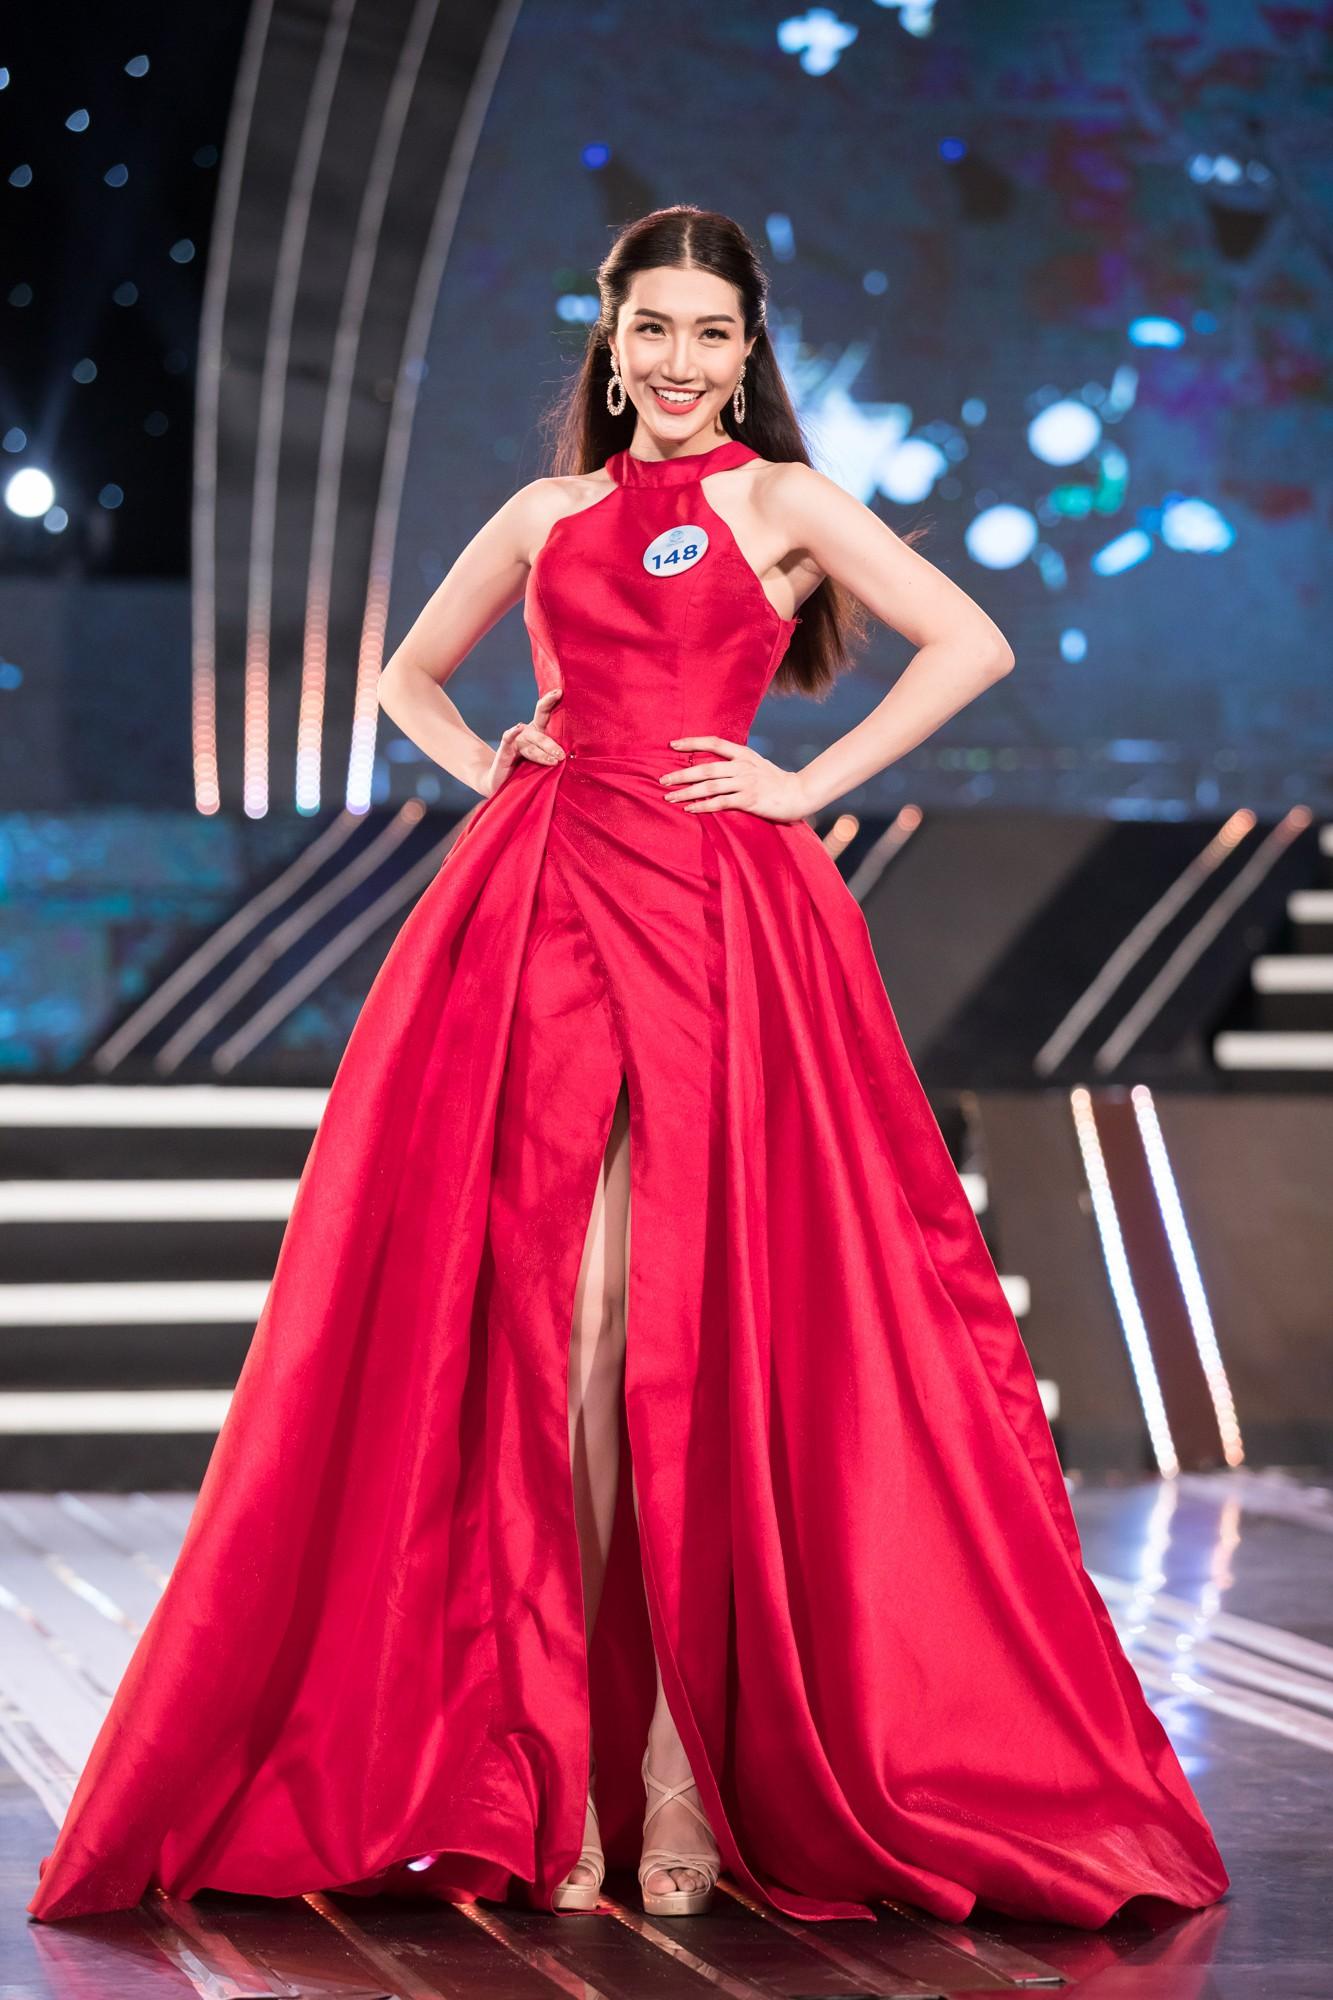 Soi nhan sắc 20 cô gái phía Bắc vừa lọt Chung kết Miss World VN: Thí sinh mặt đẹp nhất lại lộ vóc dáng đô con, thiếu đường cong-20